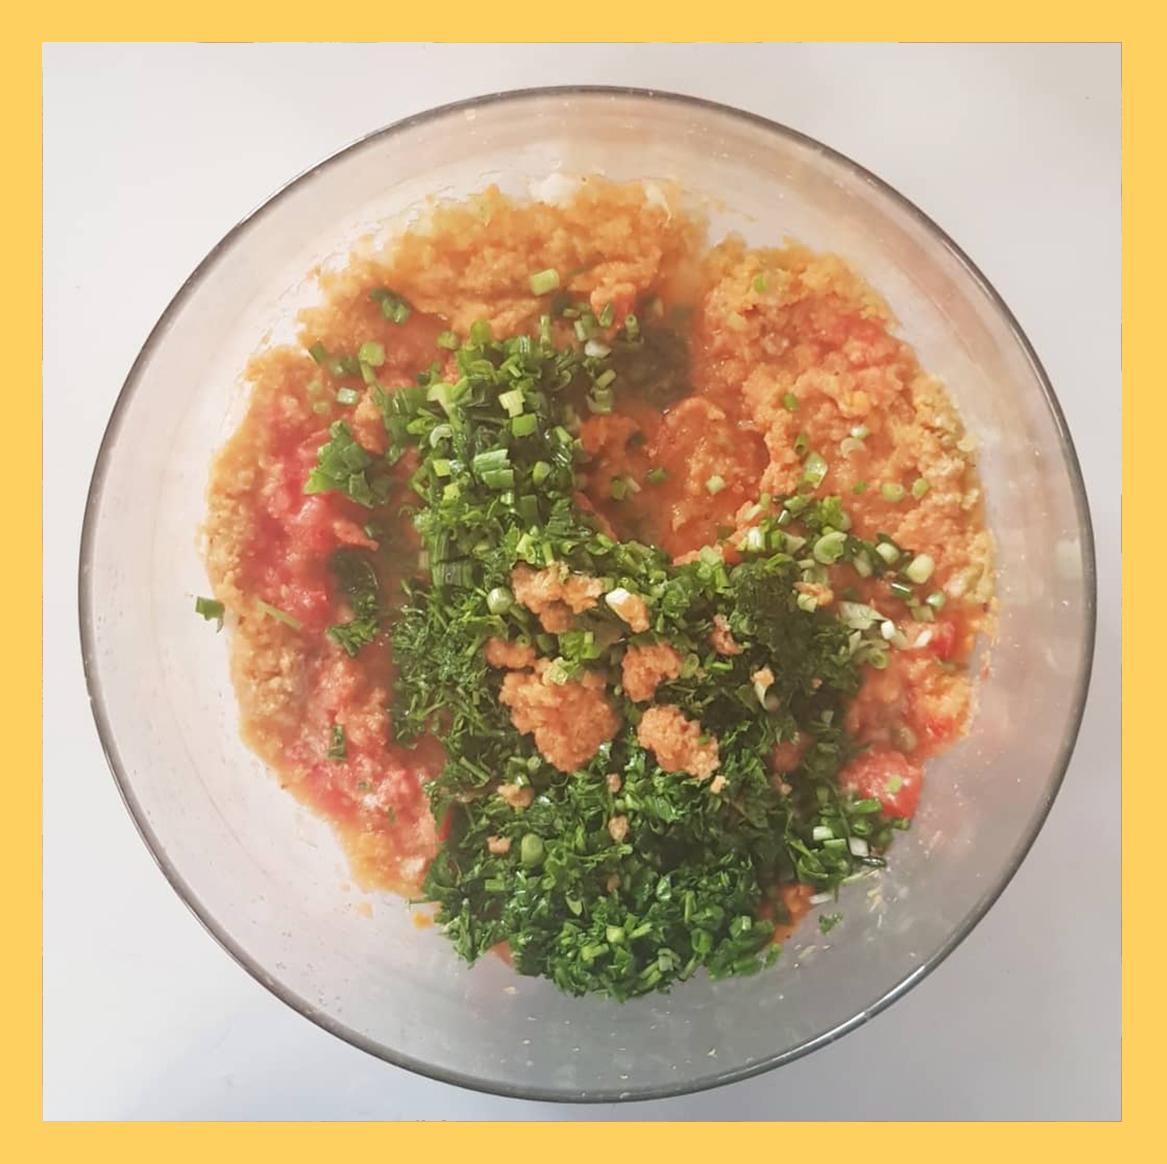 اضافه کردن جعفری و تره و پیازچه , Added parsley leeks and onions to the combination